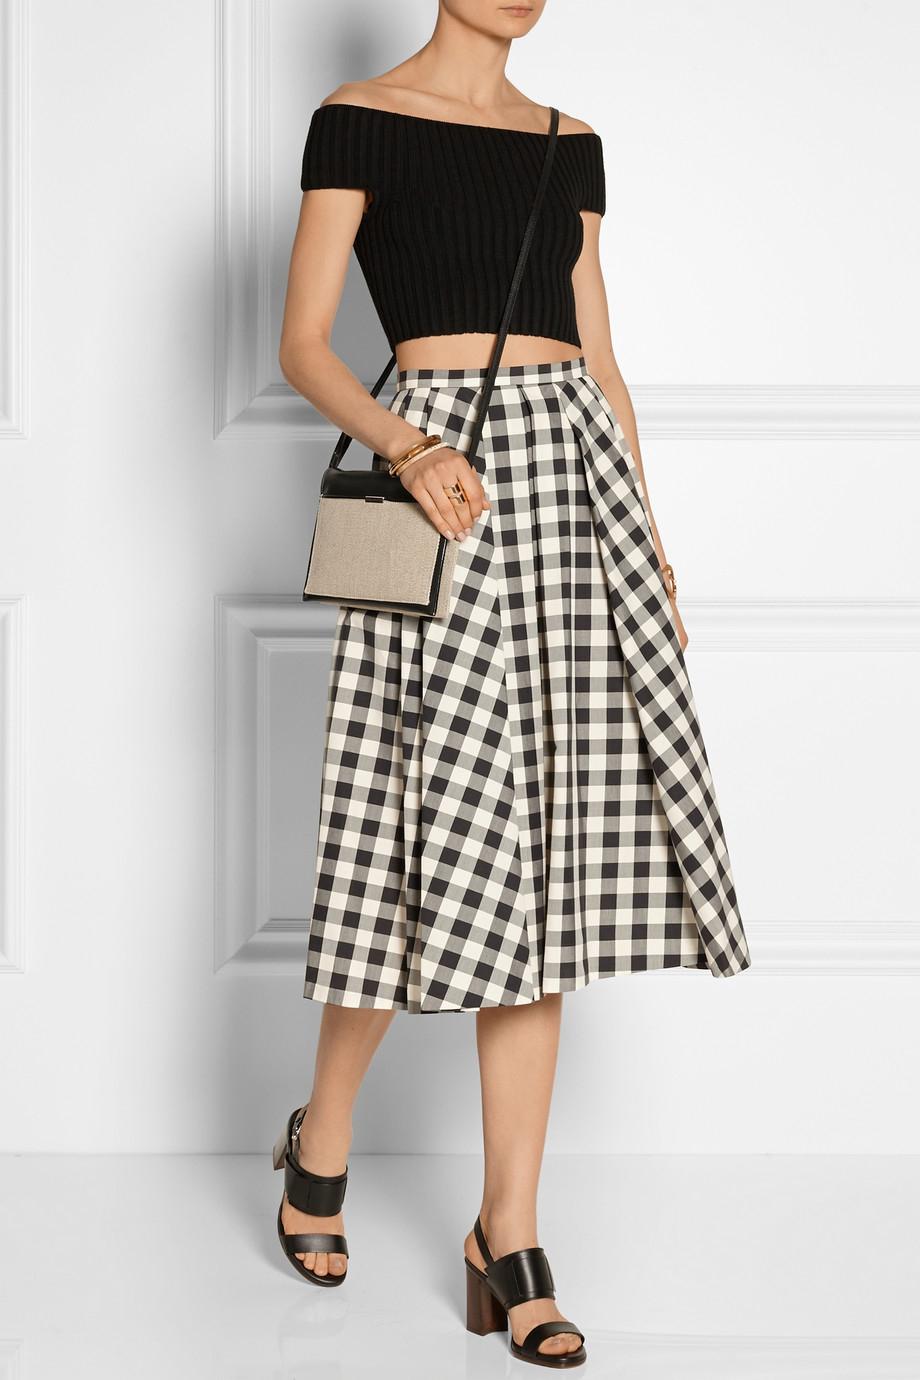 michael kors gingham cotton midi skirt in black lyst